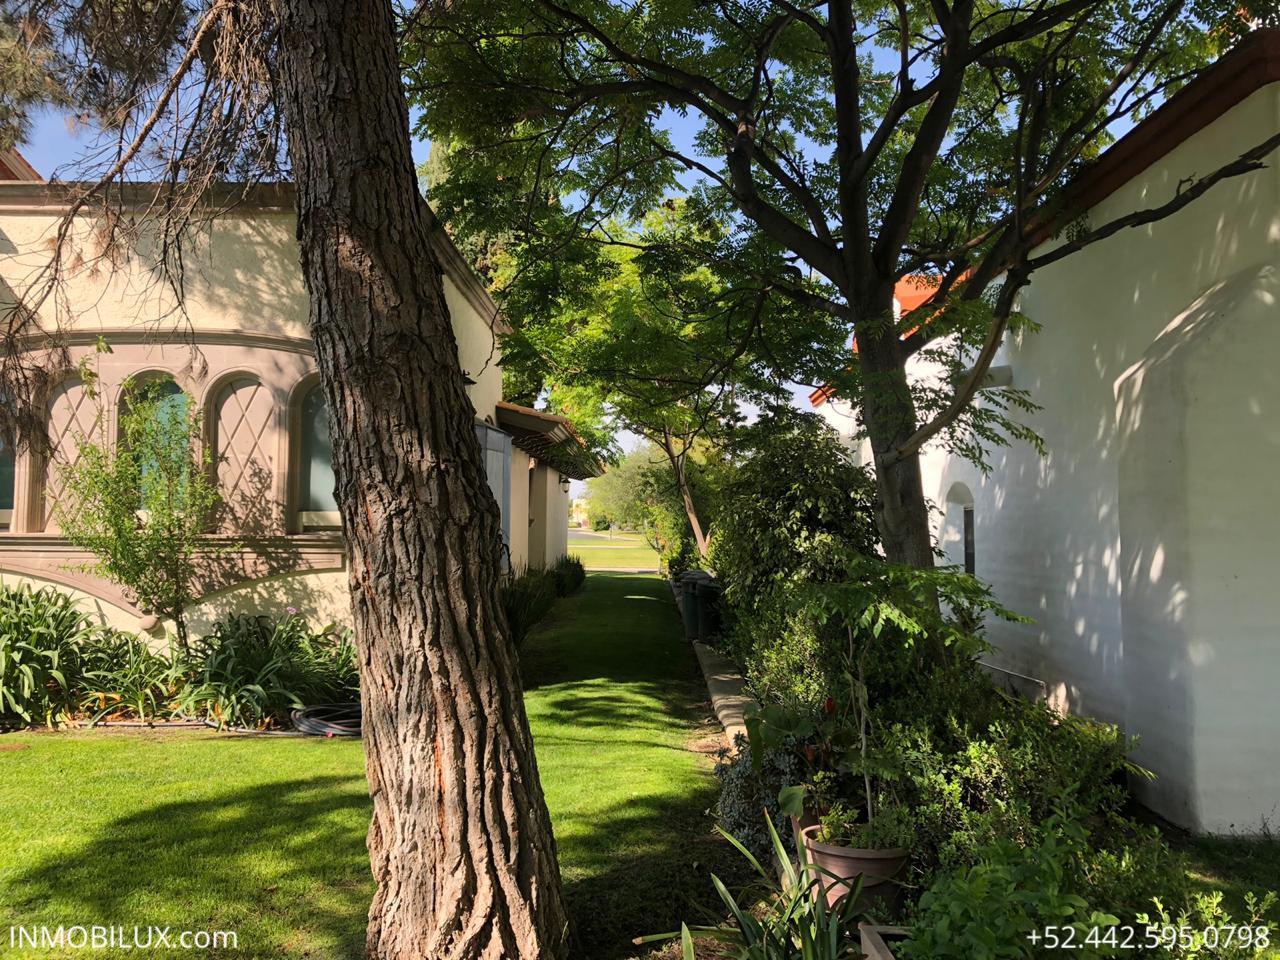 Casa Mesquite Campanario Pasillo 2